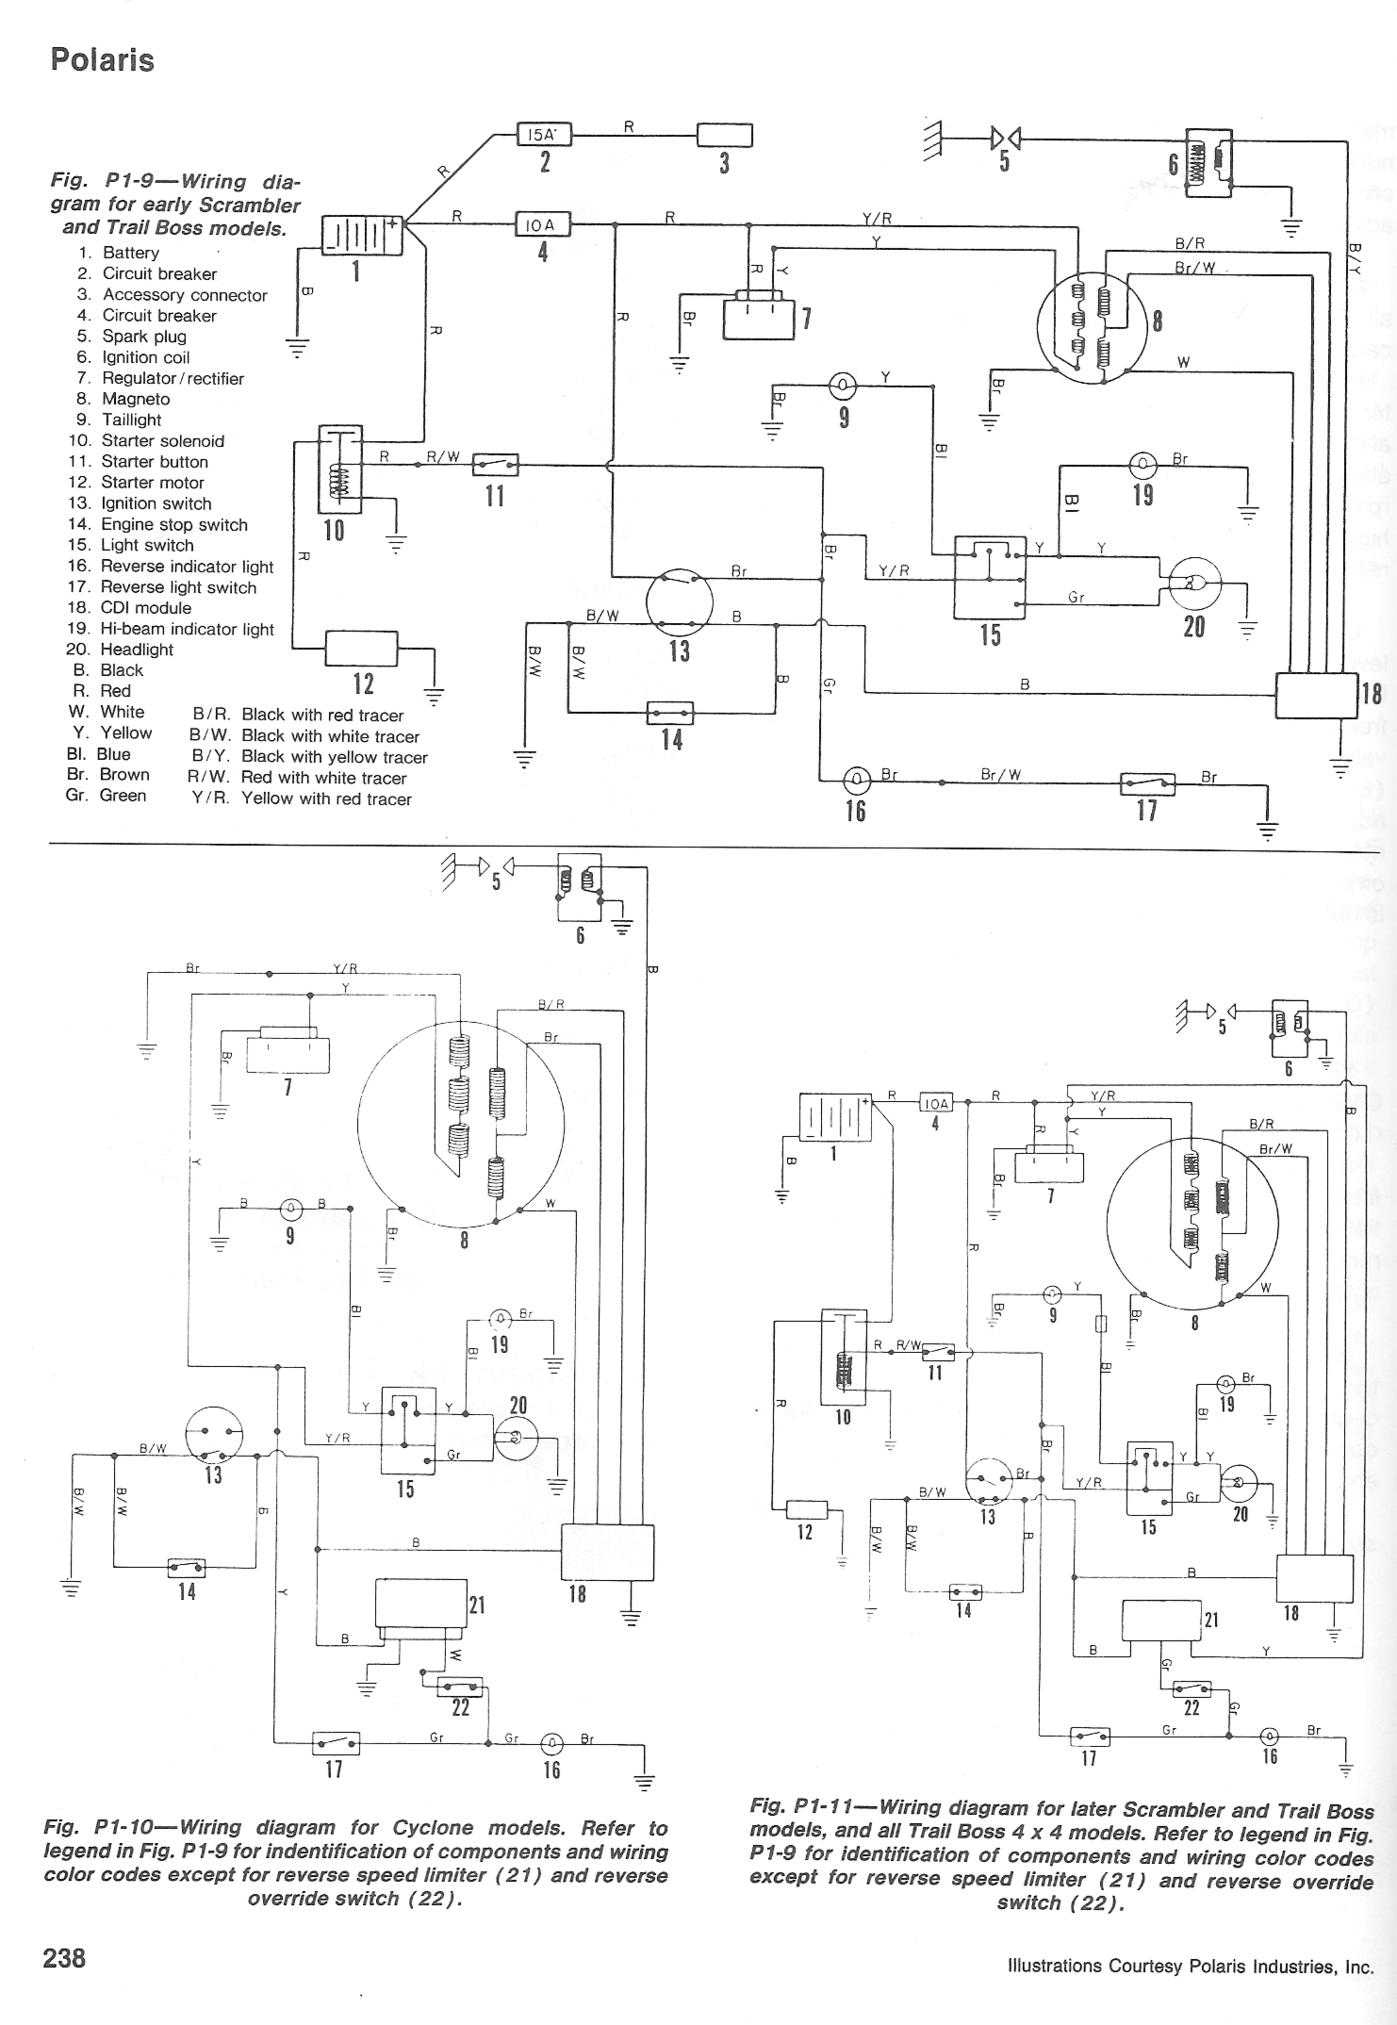 polaris 700 wiring diagram nm 4296  wiring diagram home polaris atv wiring diagram wiring 2002 polaris sportsman 700 twin wiring diagram polaris atv wiring diagram wiring